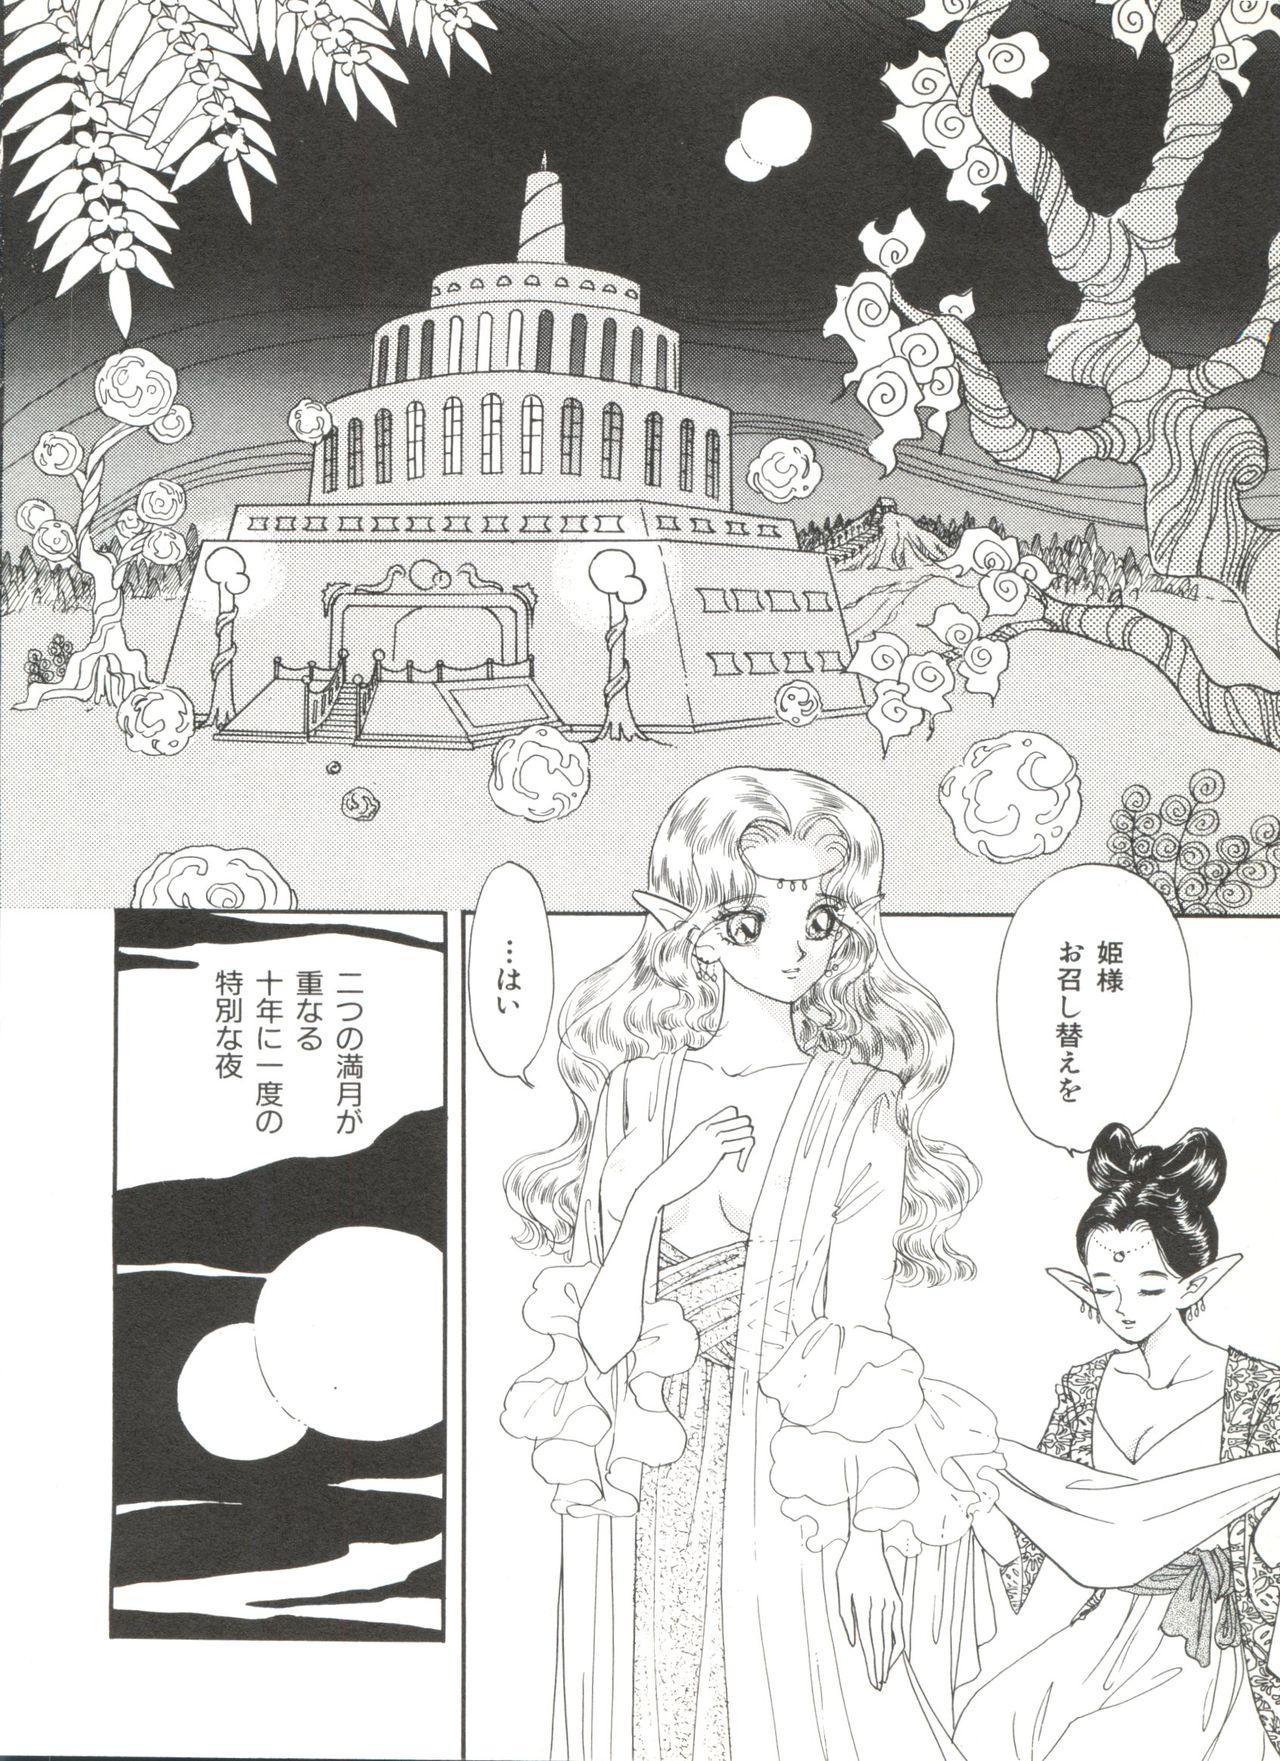 Bishoujo Doujinshi Anthology 6 105